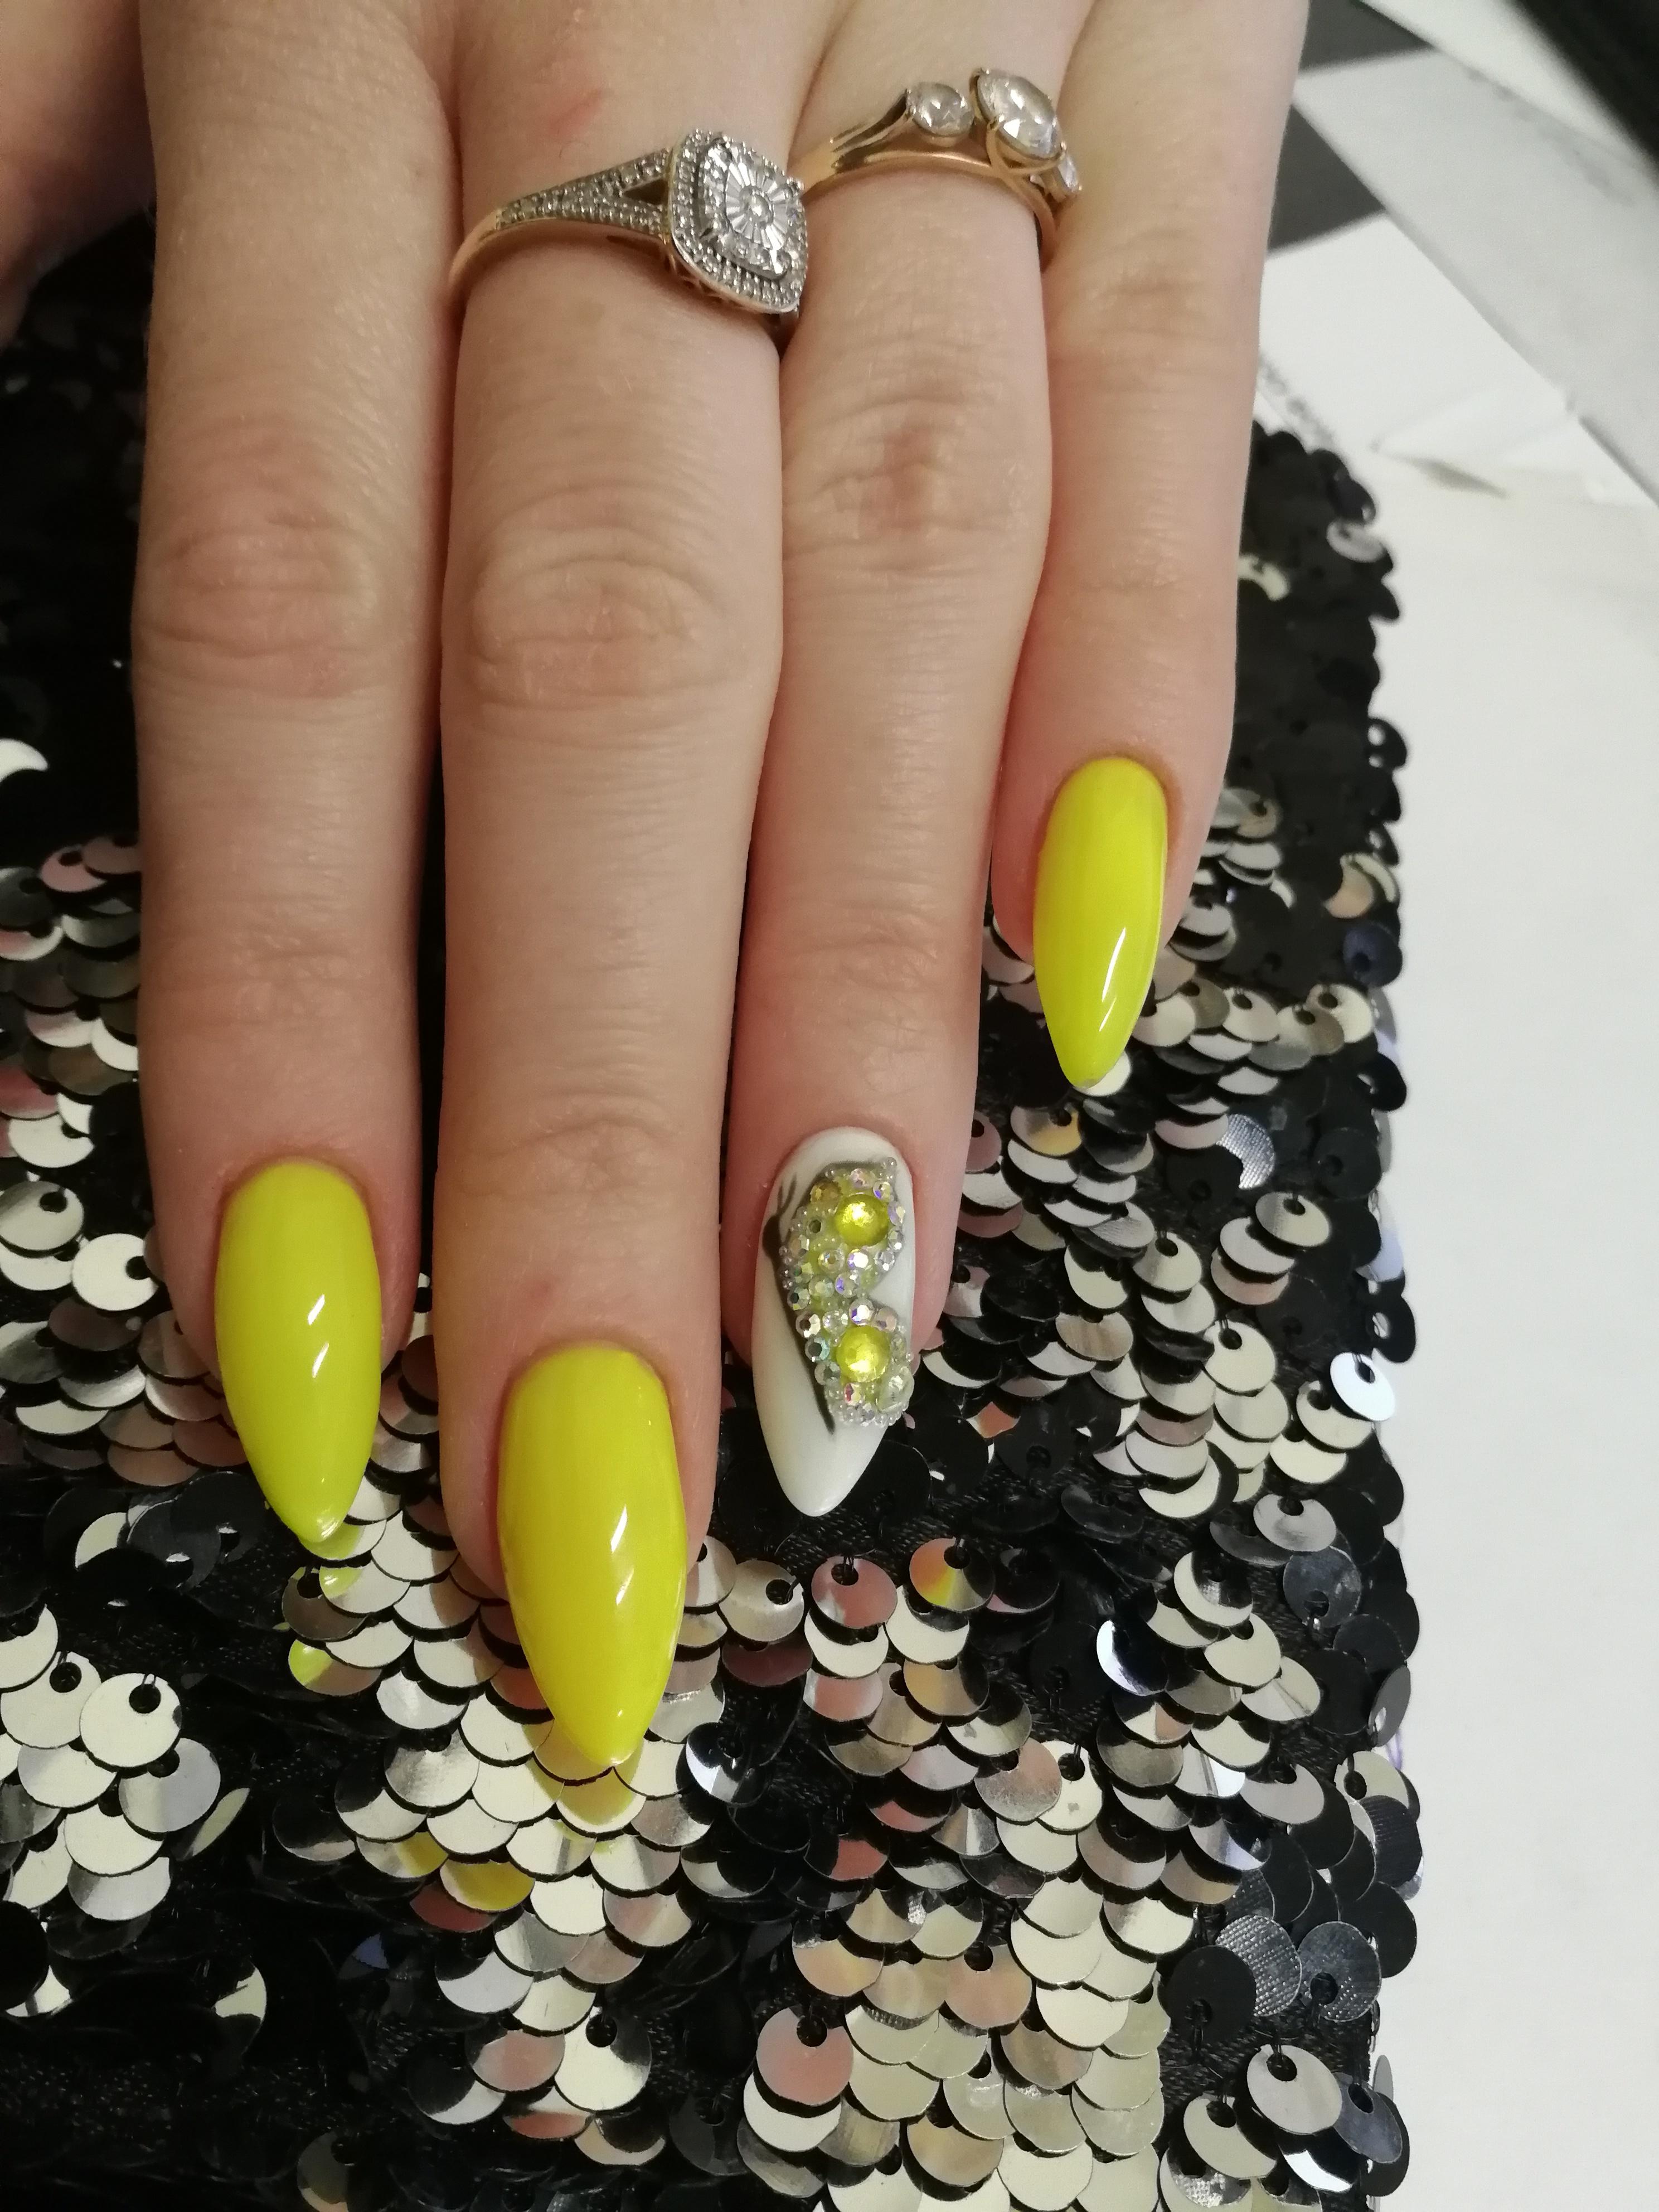 Маникюр с бабочкой и стразами в желтом цвете.